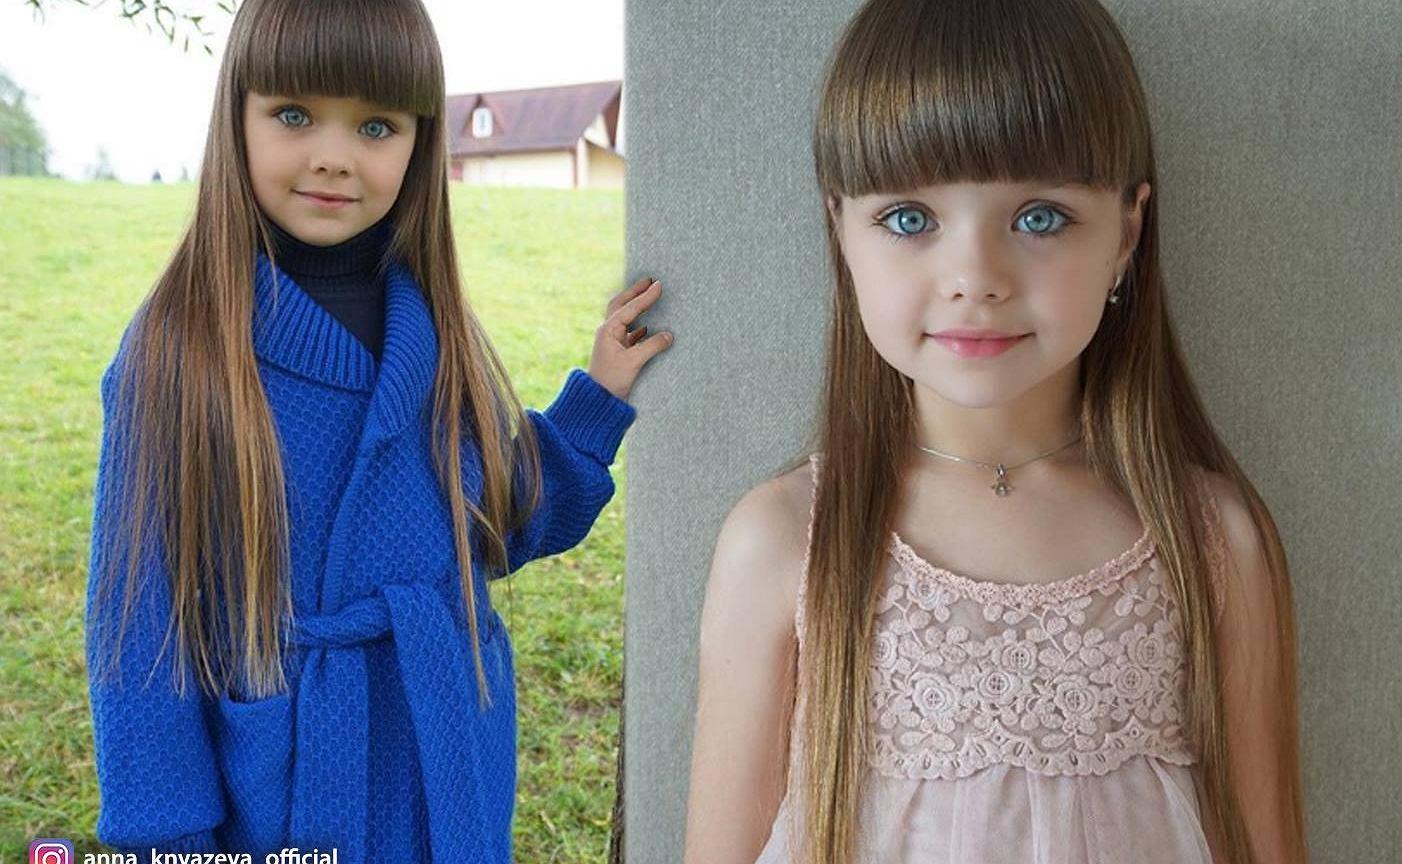 7 Latka Okrzyknięta Najpiękniejszą Dziewczynką Na świecie